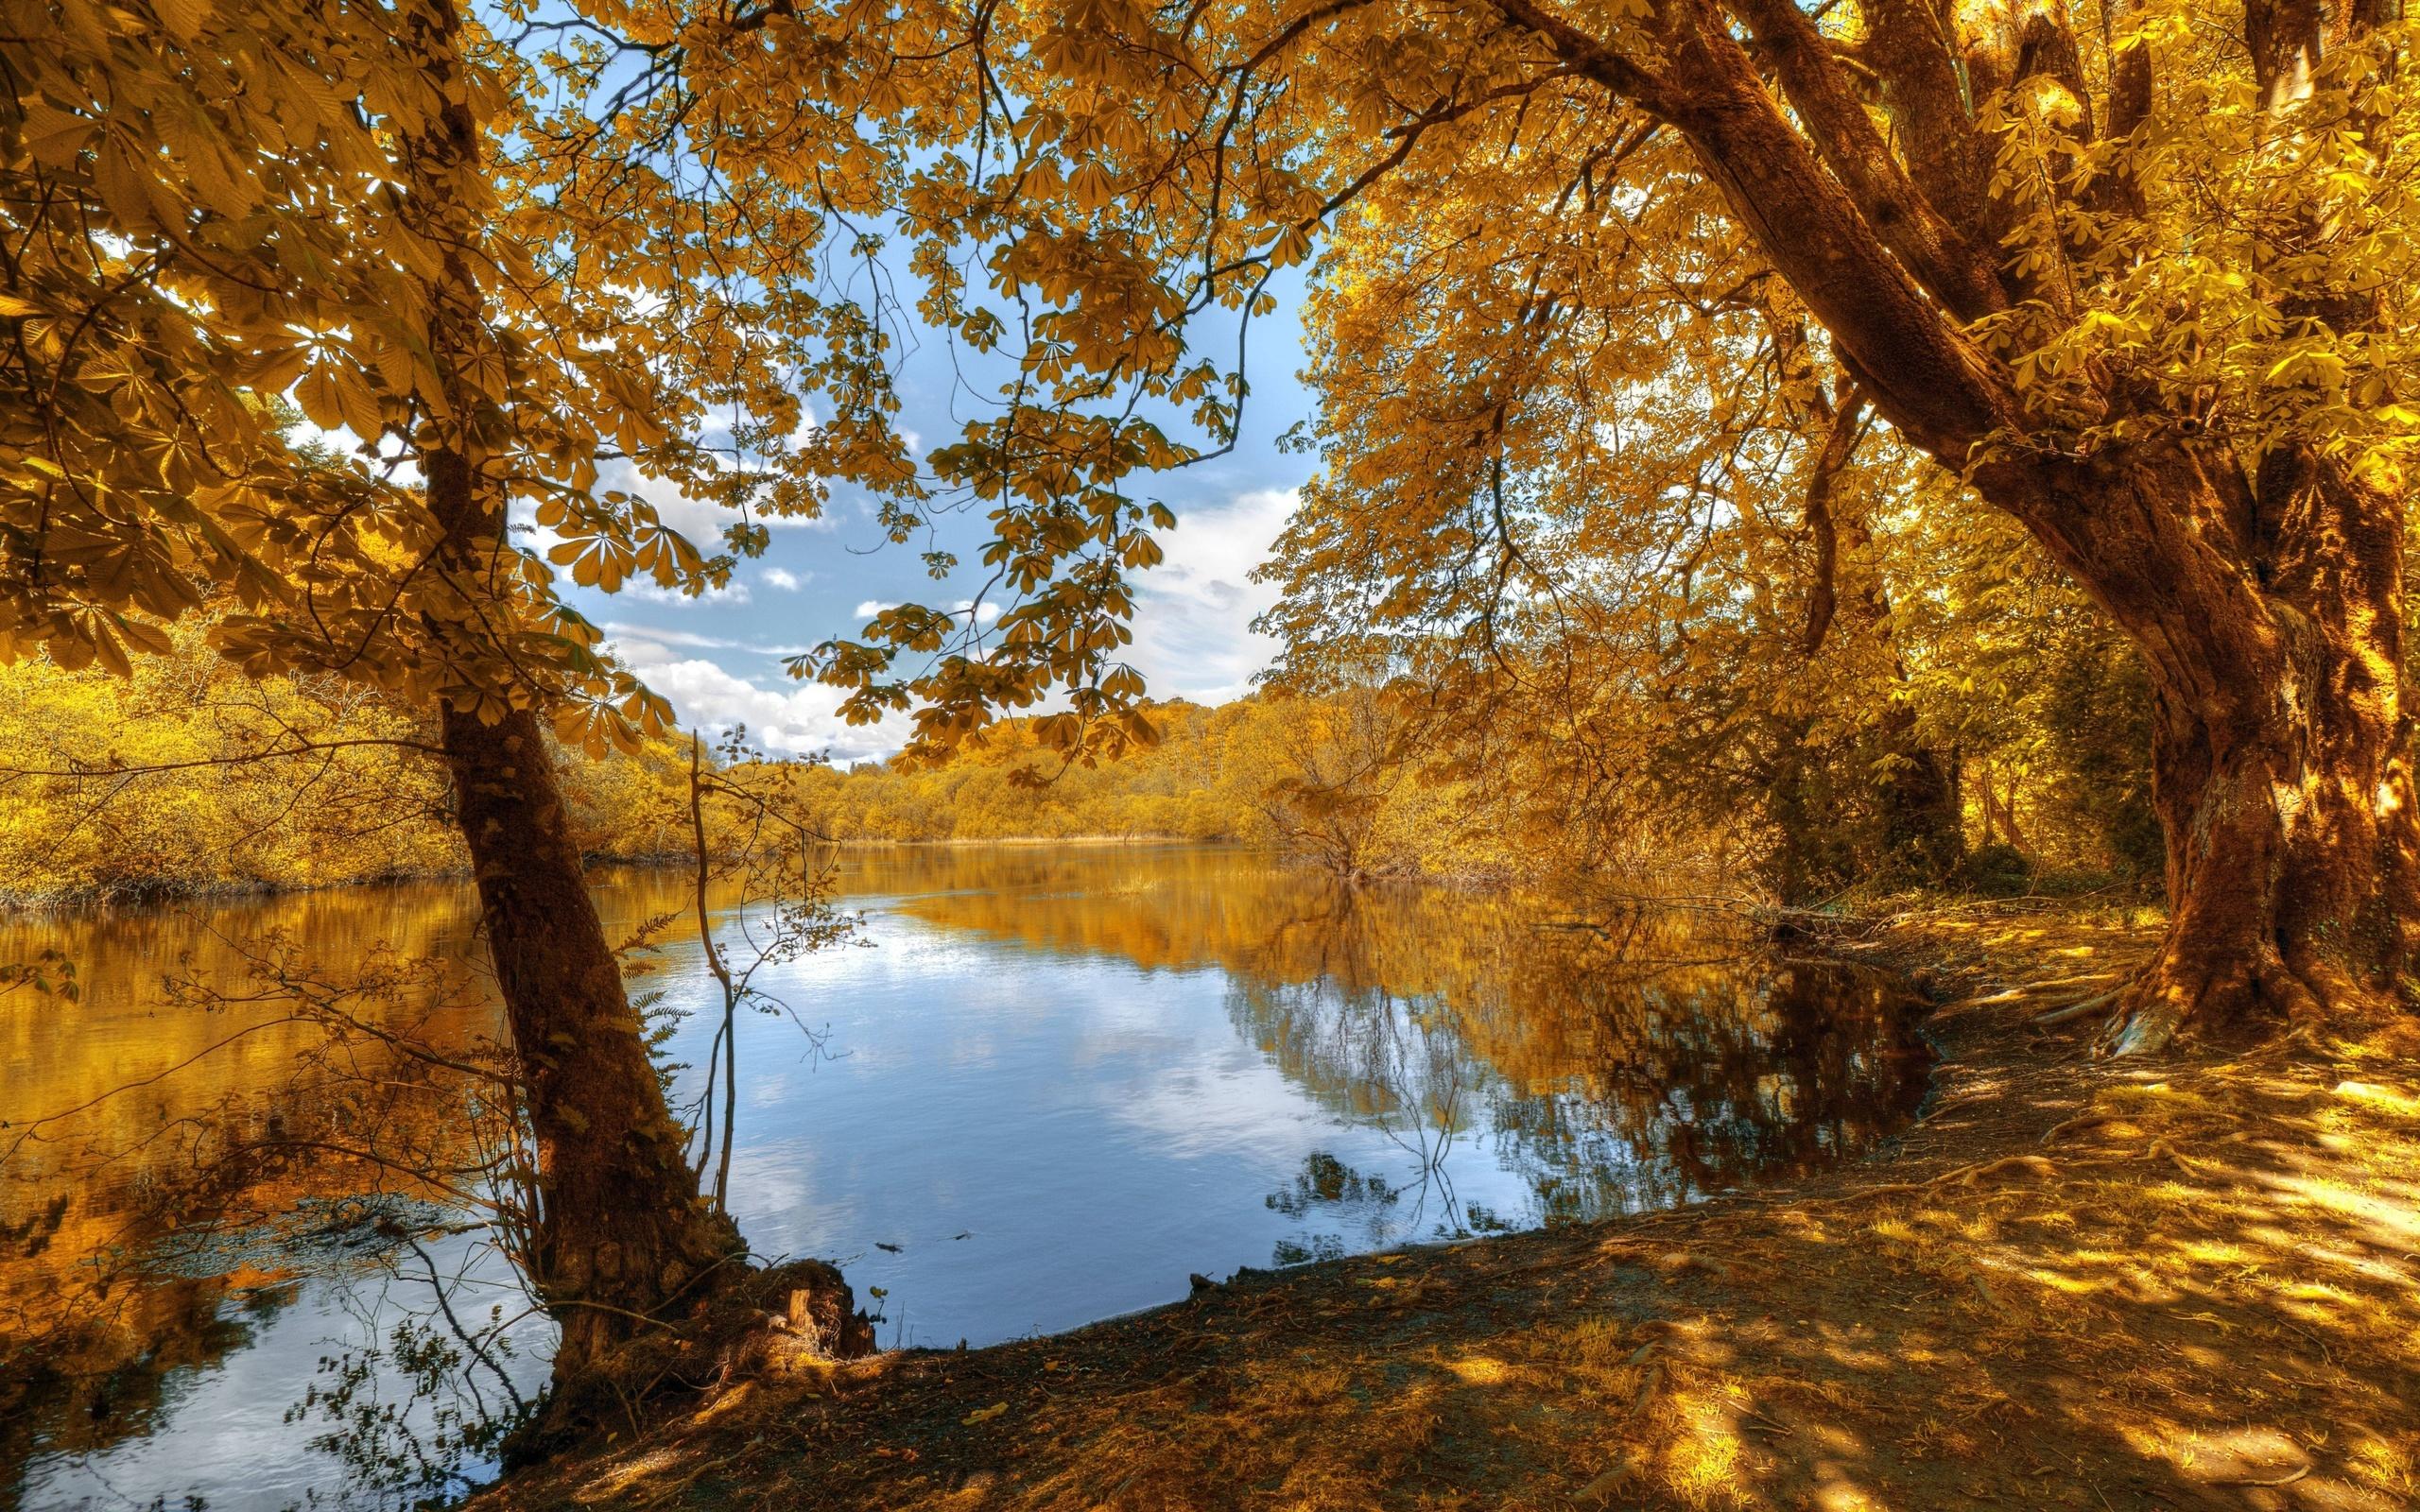 раскраски осенние пейзажи картинки смотреть судя высоте деревянного